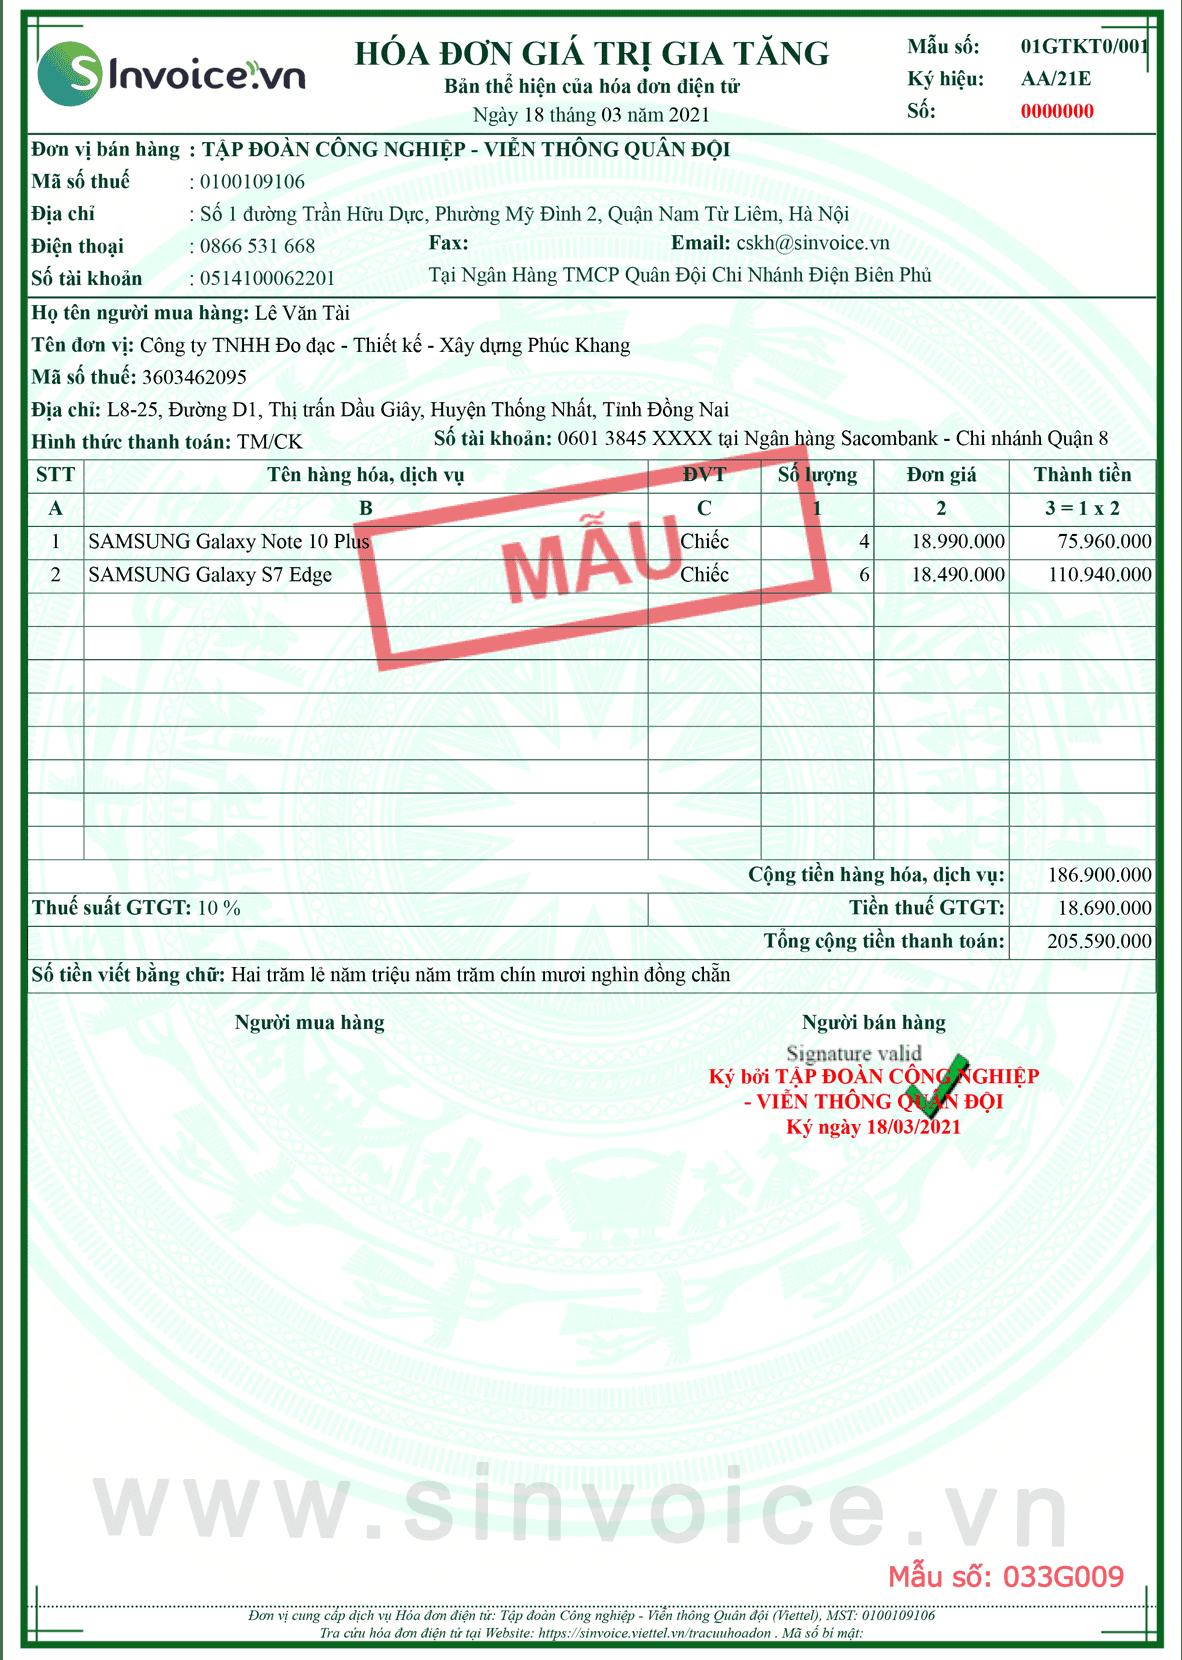 Mẫu hóa đơn điện tử số 033G009